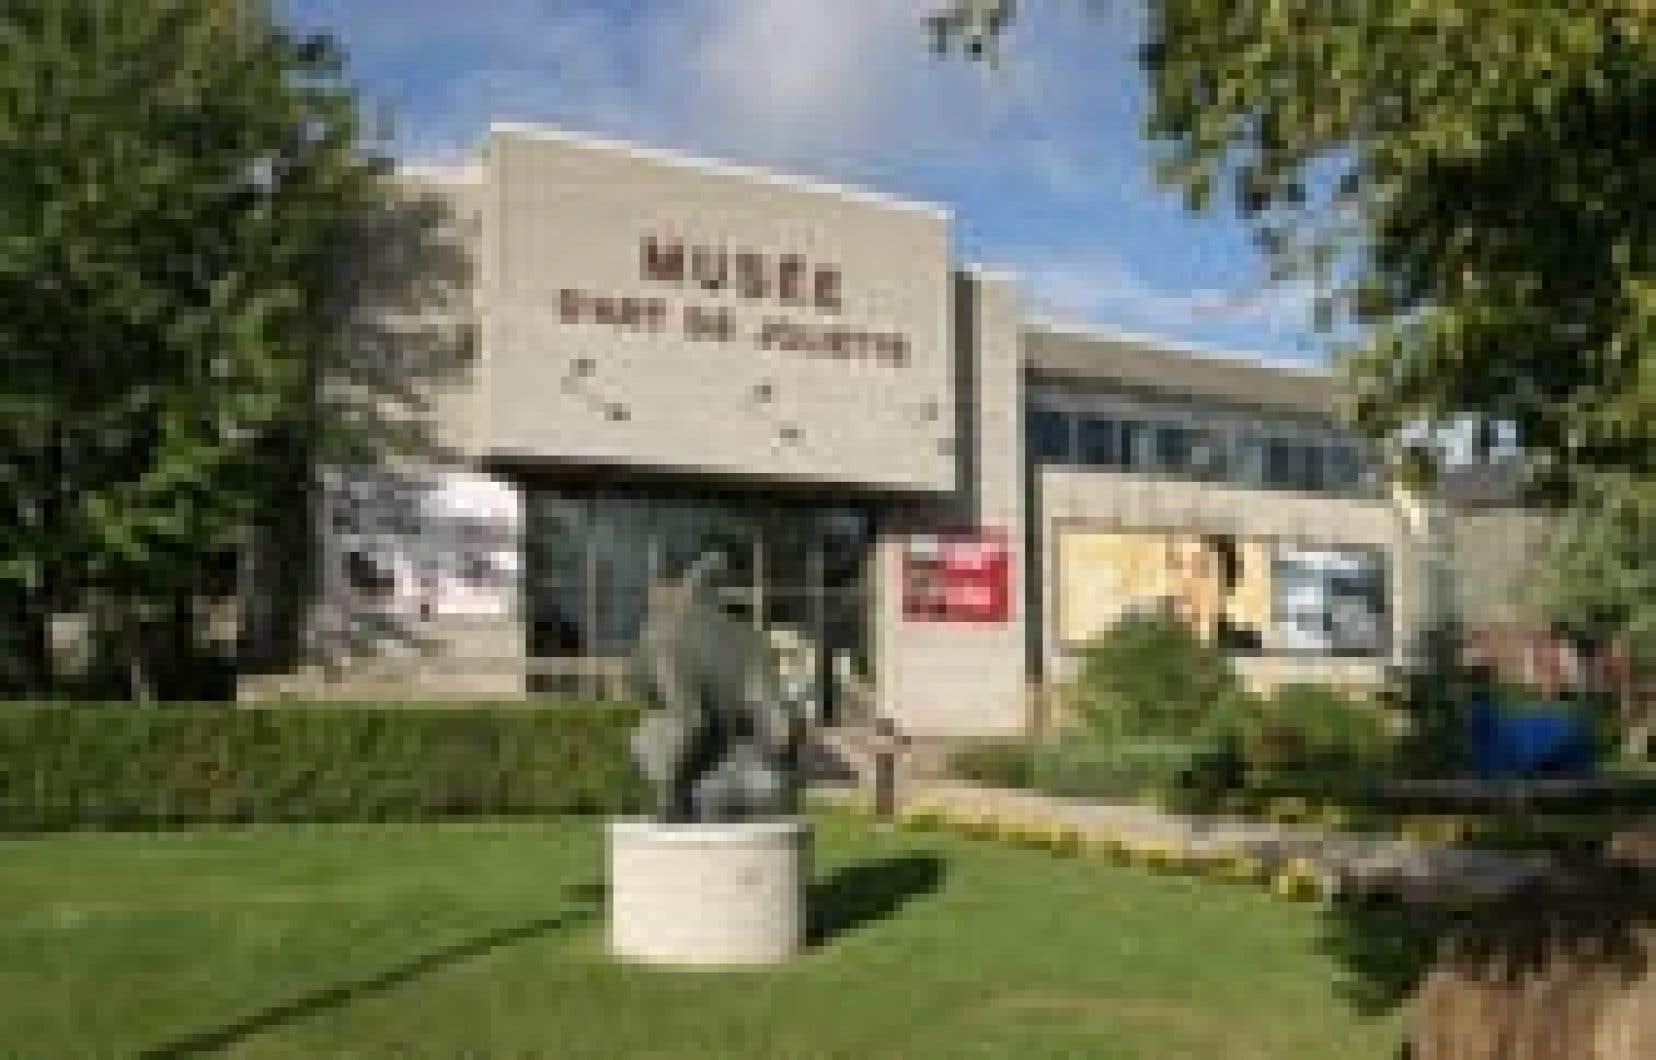 «Je passe d'une seule pièce à une institution de quatre étages, ça veut dire plus d'espace,plusdemoyens, plus d'oeuvres, c'est très stimulant», a déclaré Gaëtane Verna, nouvelle d.g. du Musée d'art de Joliette. — Source Pierr